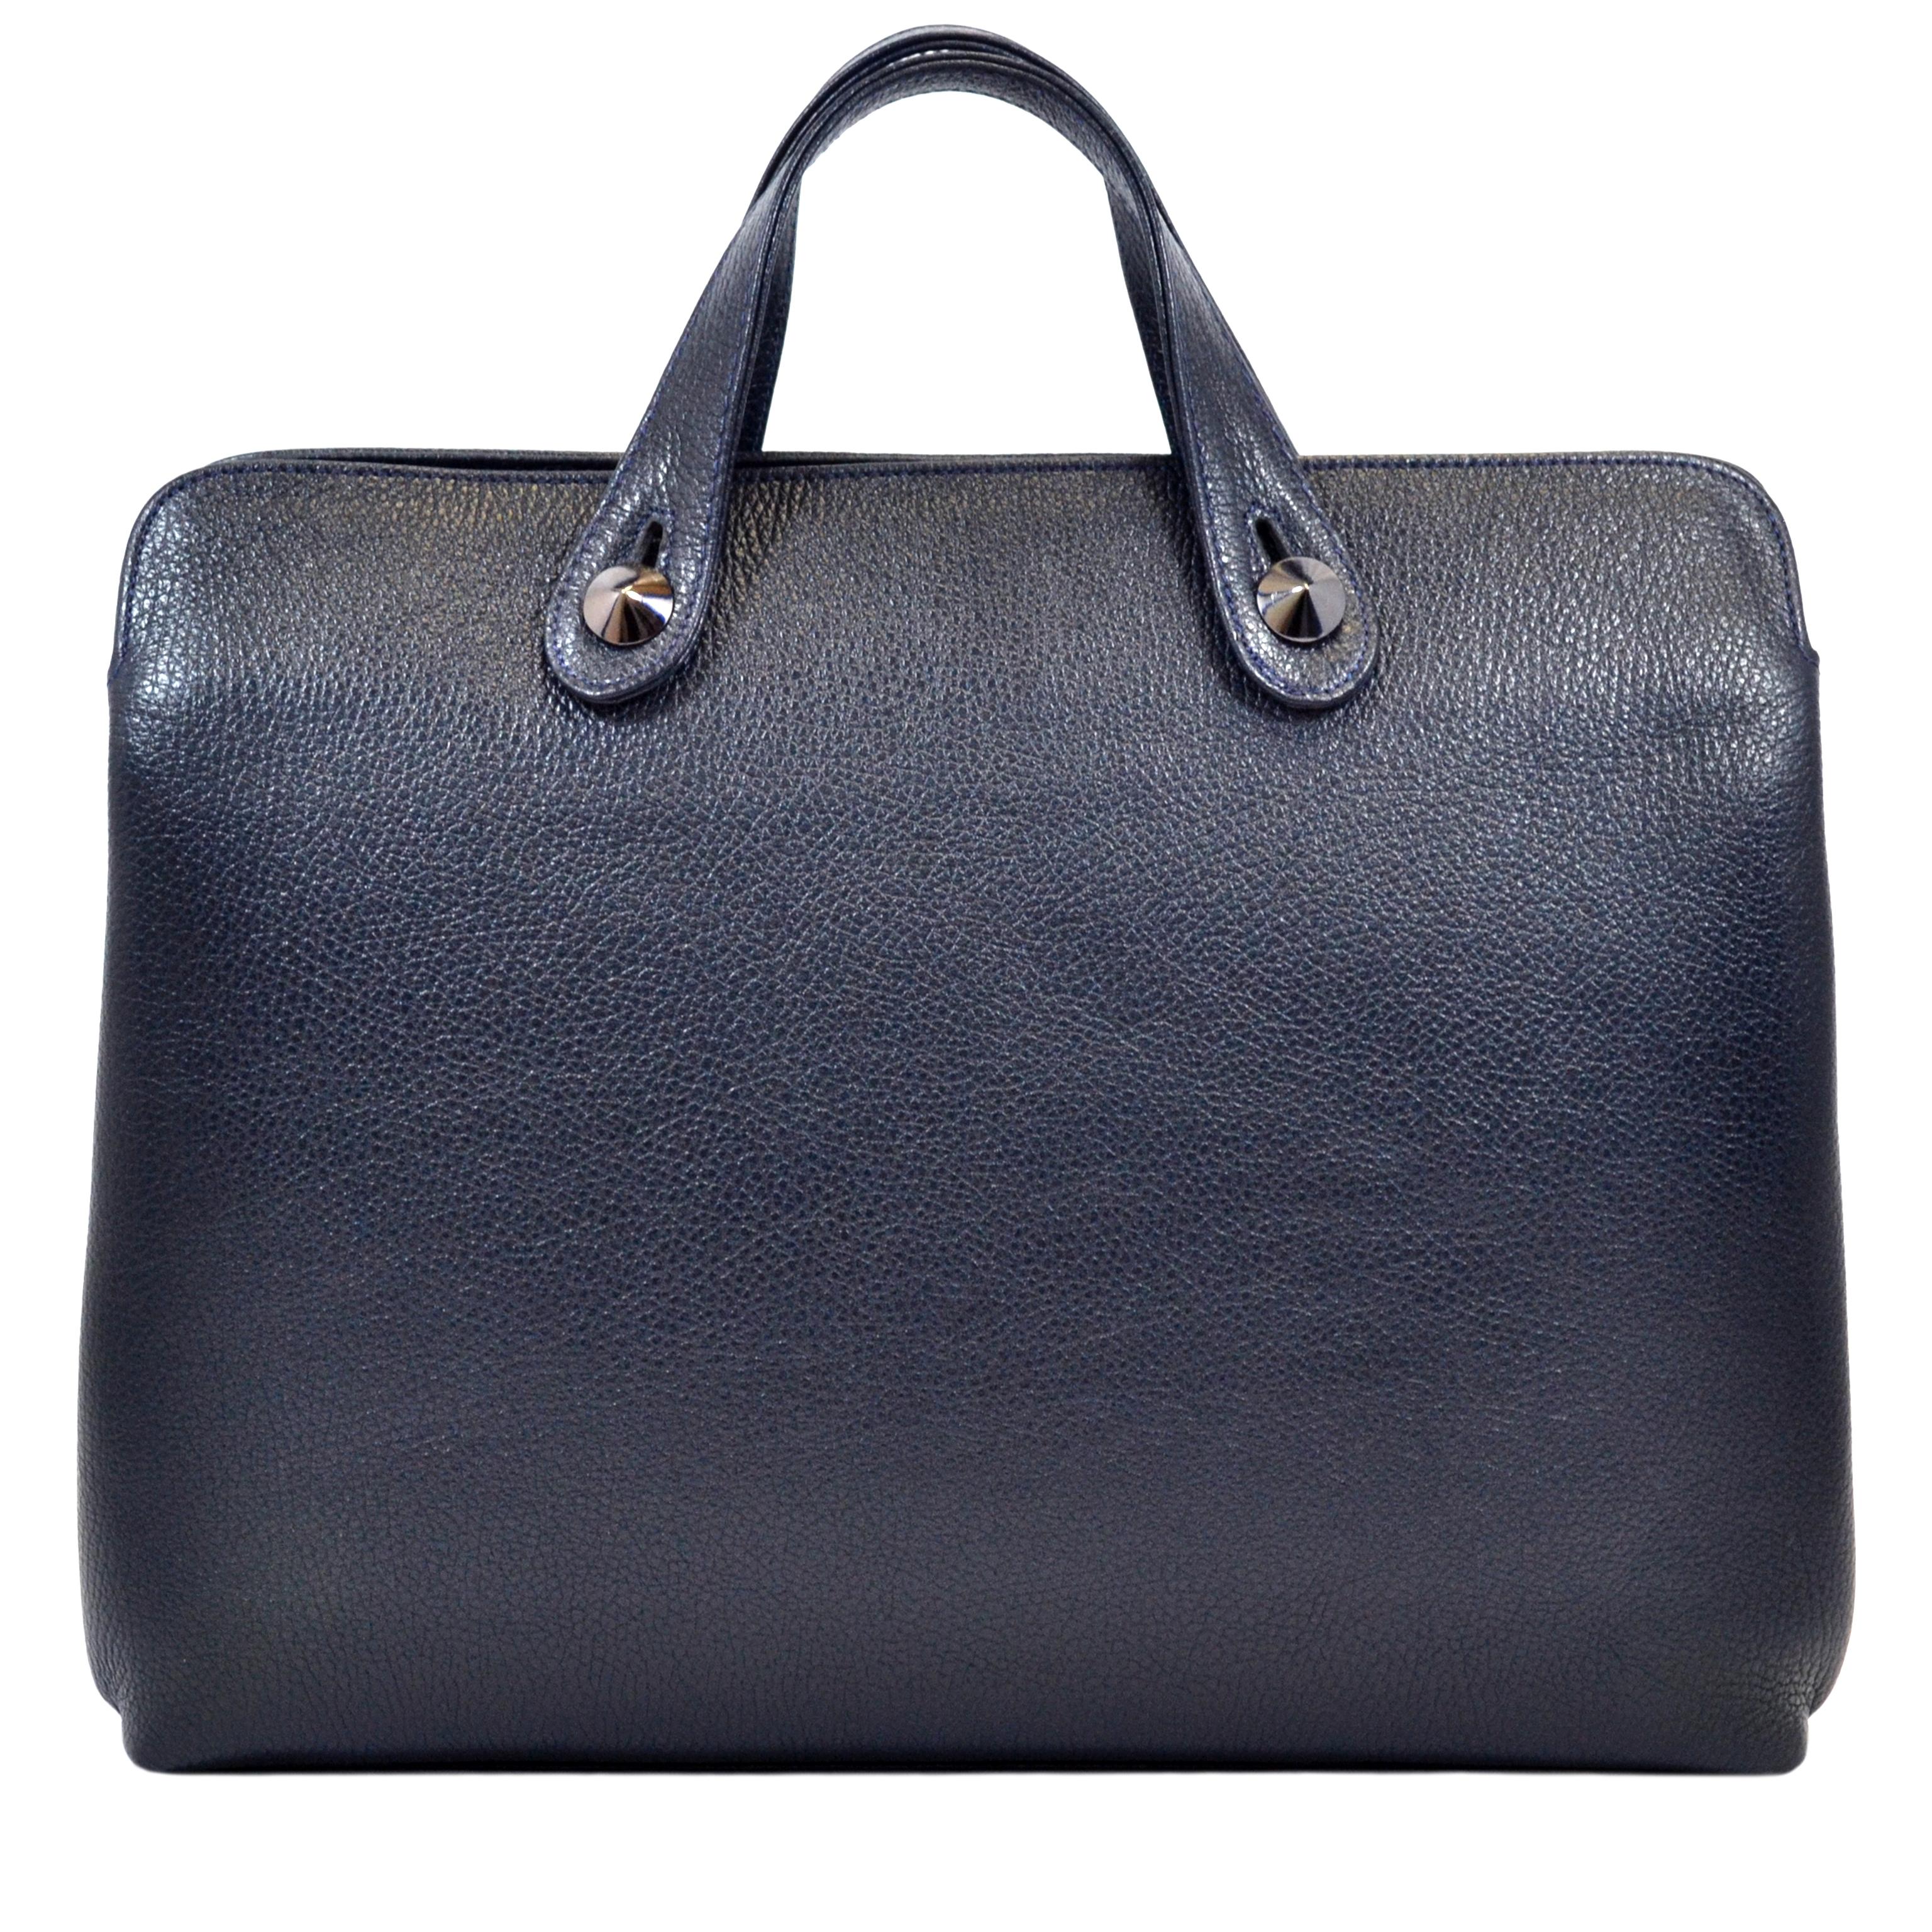 b555f4f5cfcc Деловые портфели Desisan - купить в интернет-магазине > все цены ...